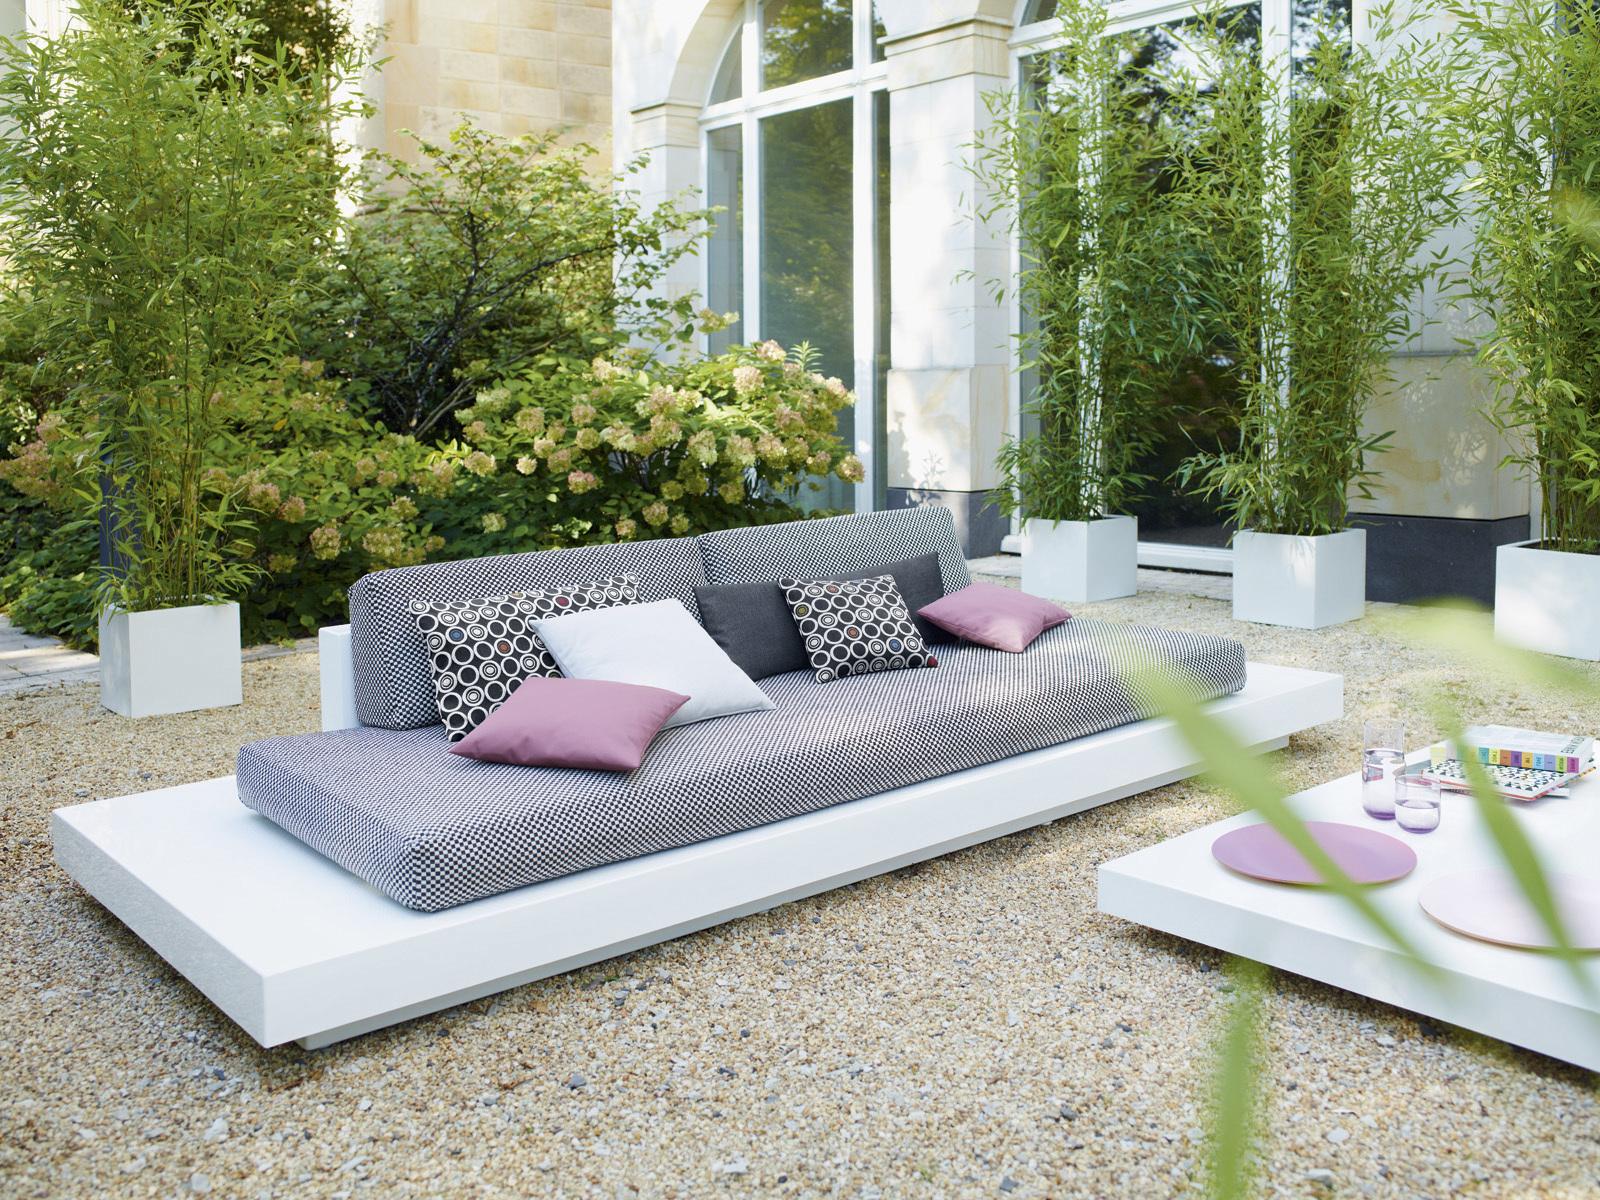 Gestalten Sie Ihr Wohnzimmer unter freiem Himmel